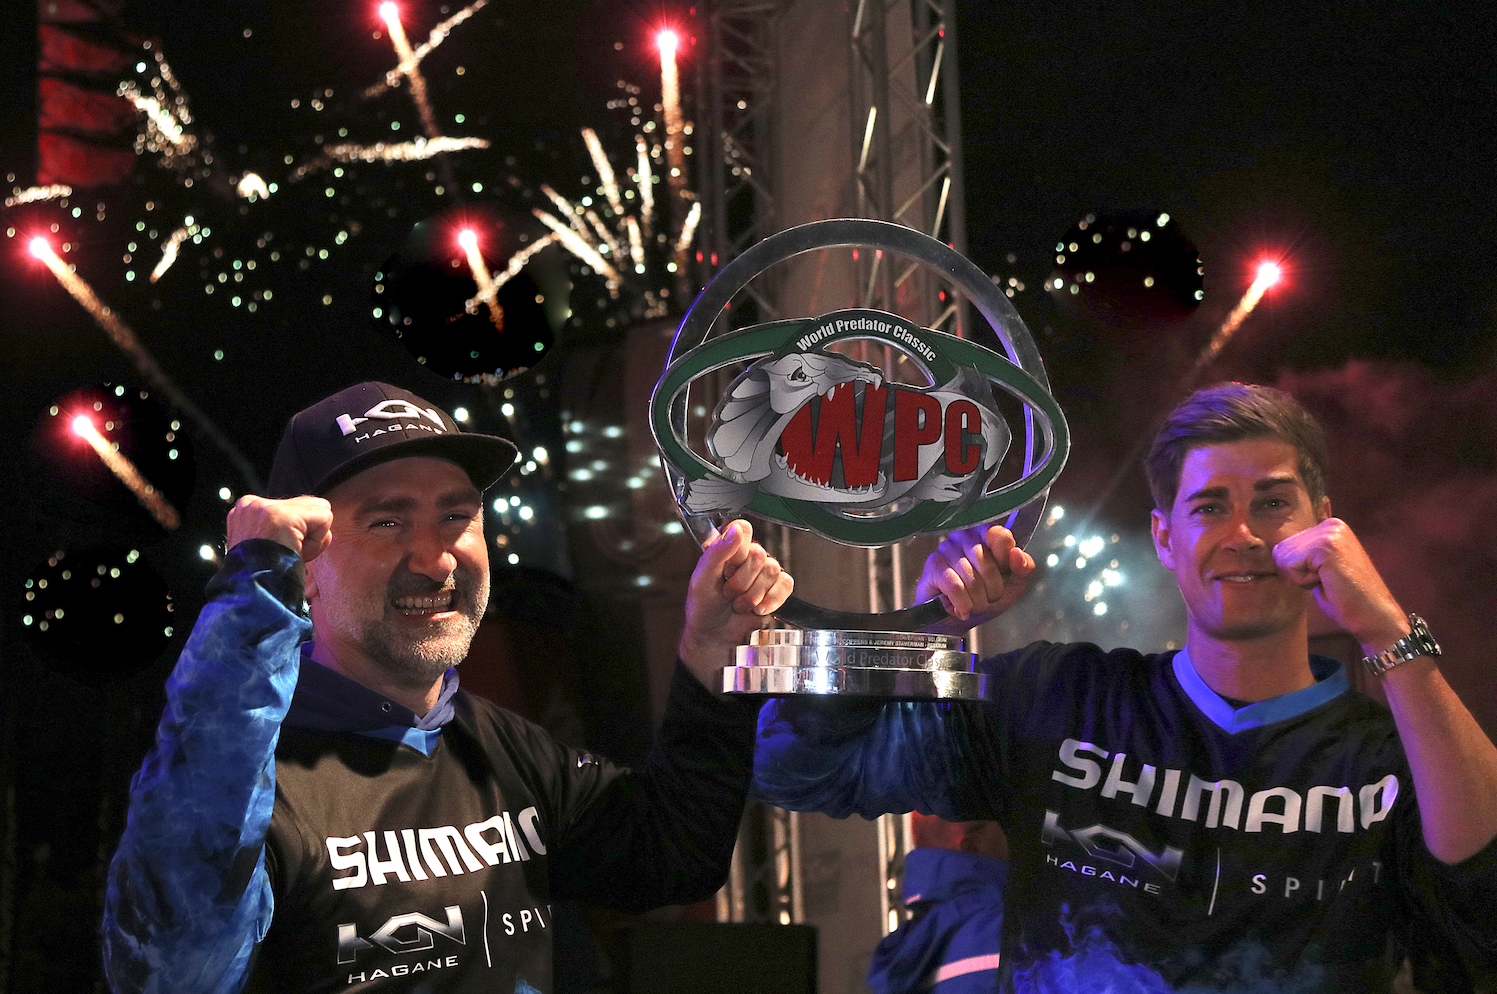 Deutsches Shimano Team gewinnt WPC